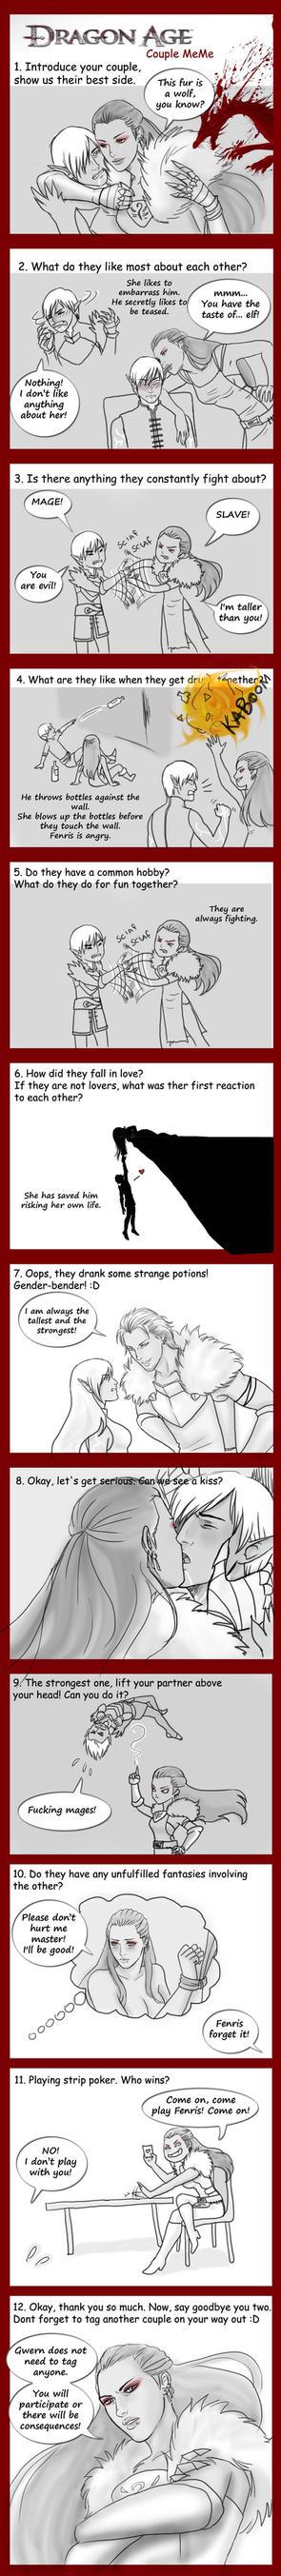 Gwern Hawke-Fenris-Couple Meme by Lilithblack